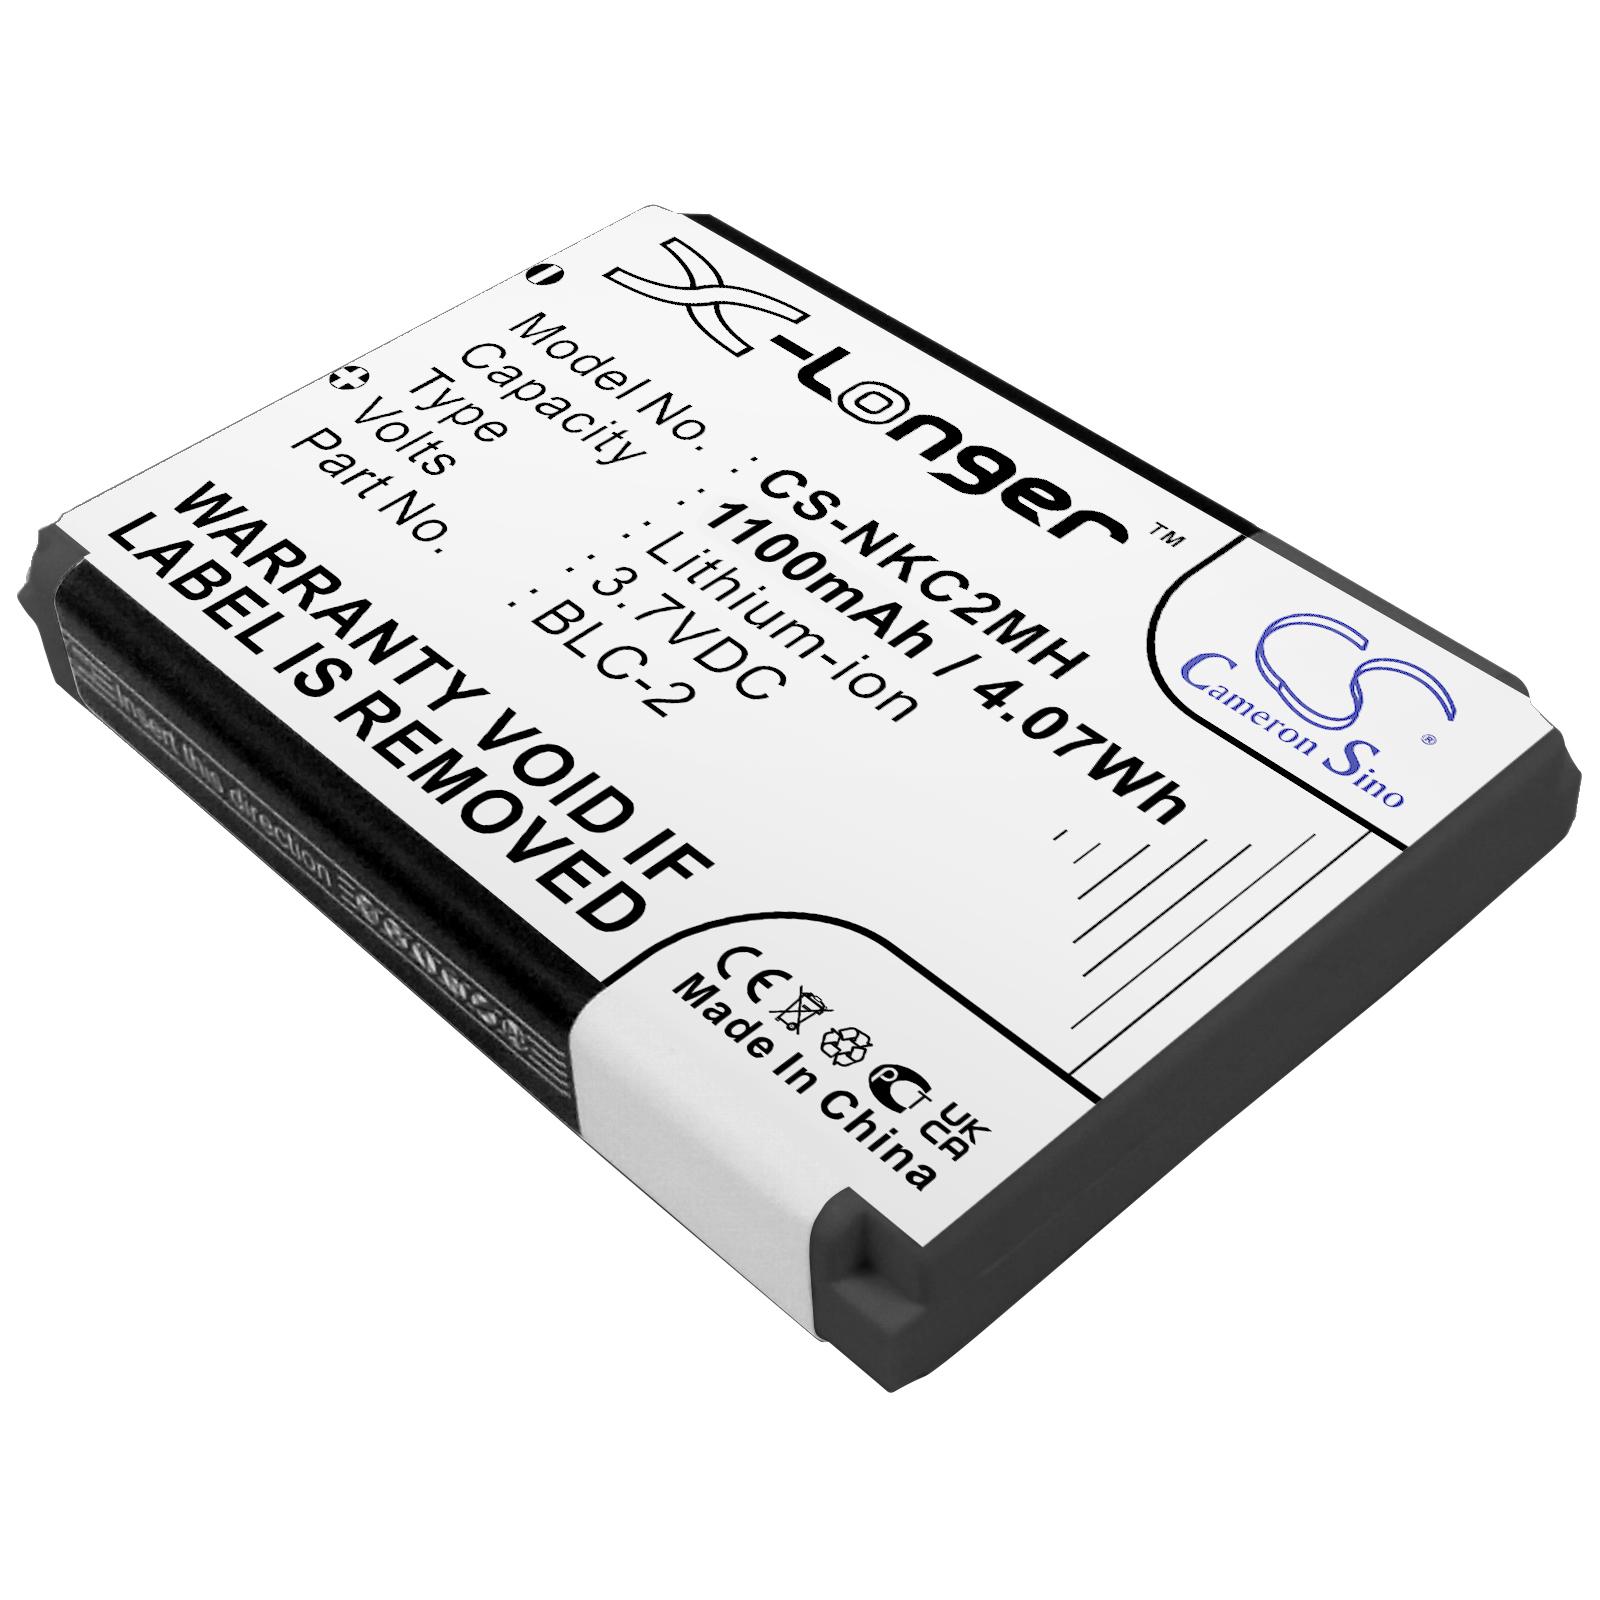 Cameron Sino baterie do mobilů pro NOKIA 3310 3.7V Li-ion 1350mAh bílá - neoriginální